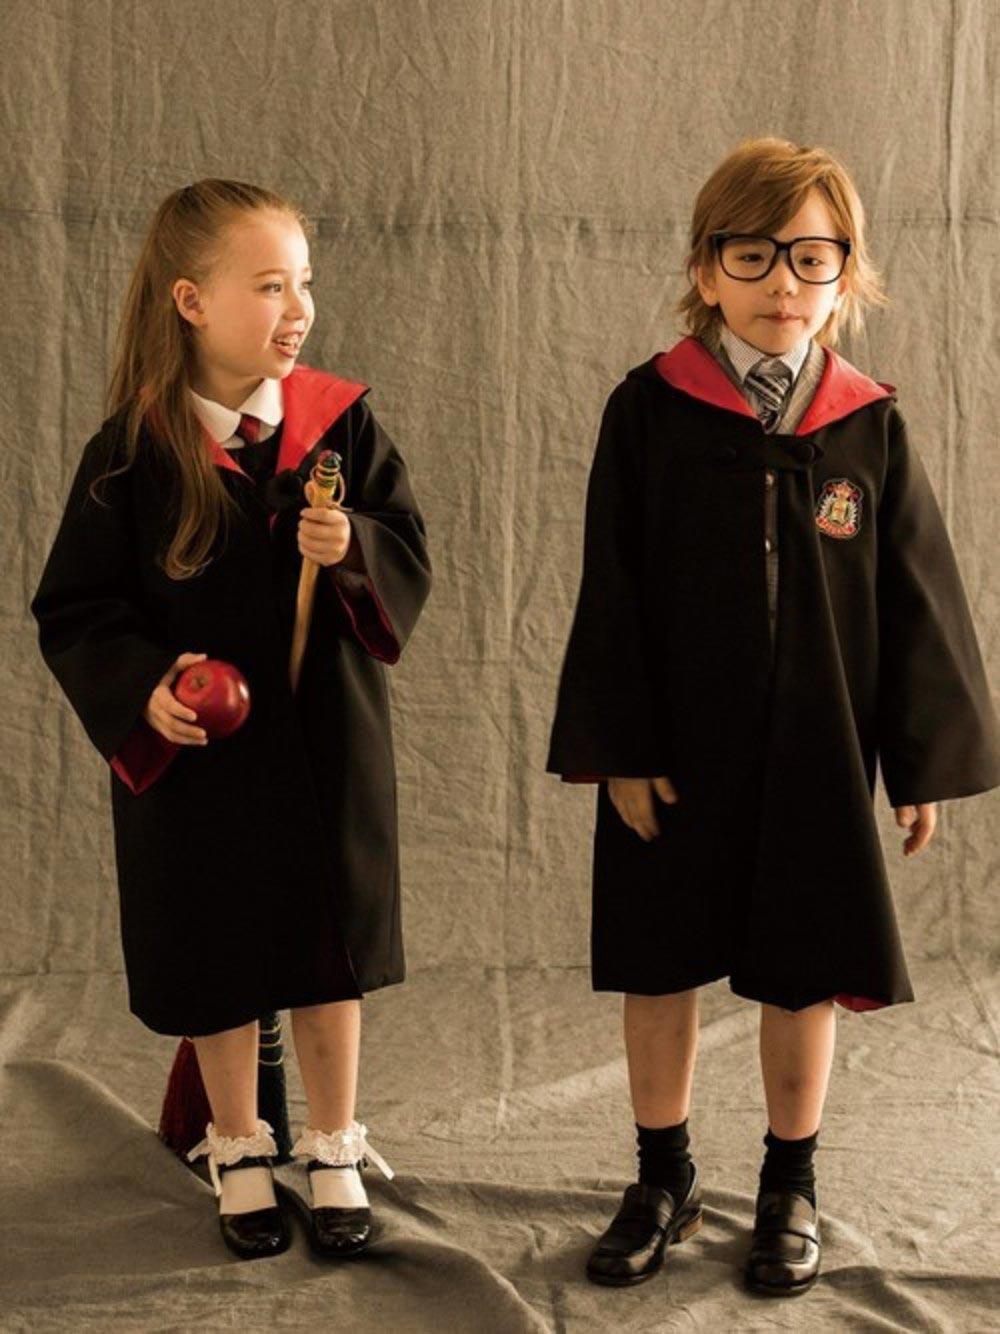 魔法学校の生徒さん衣装